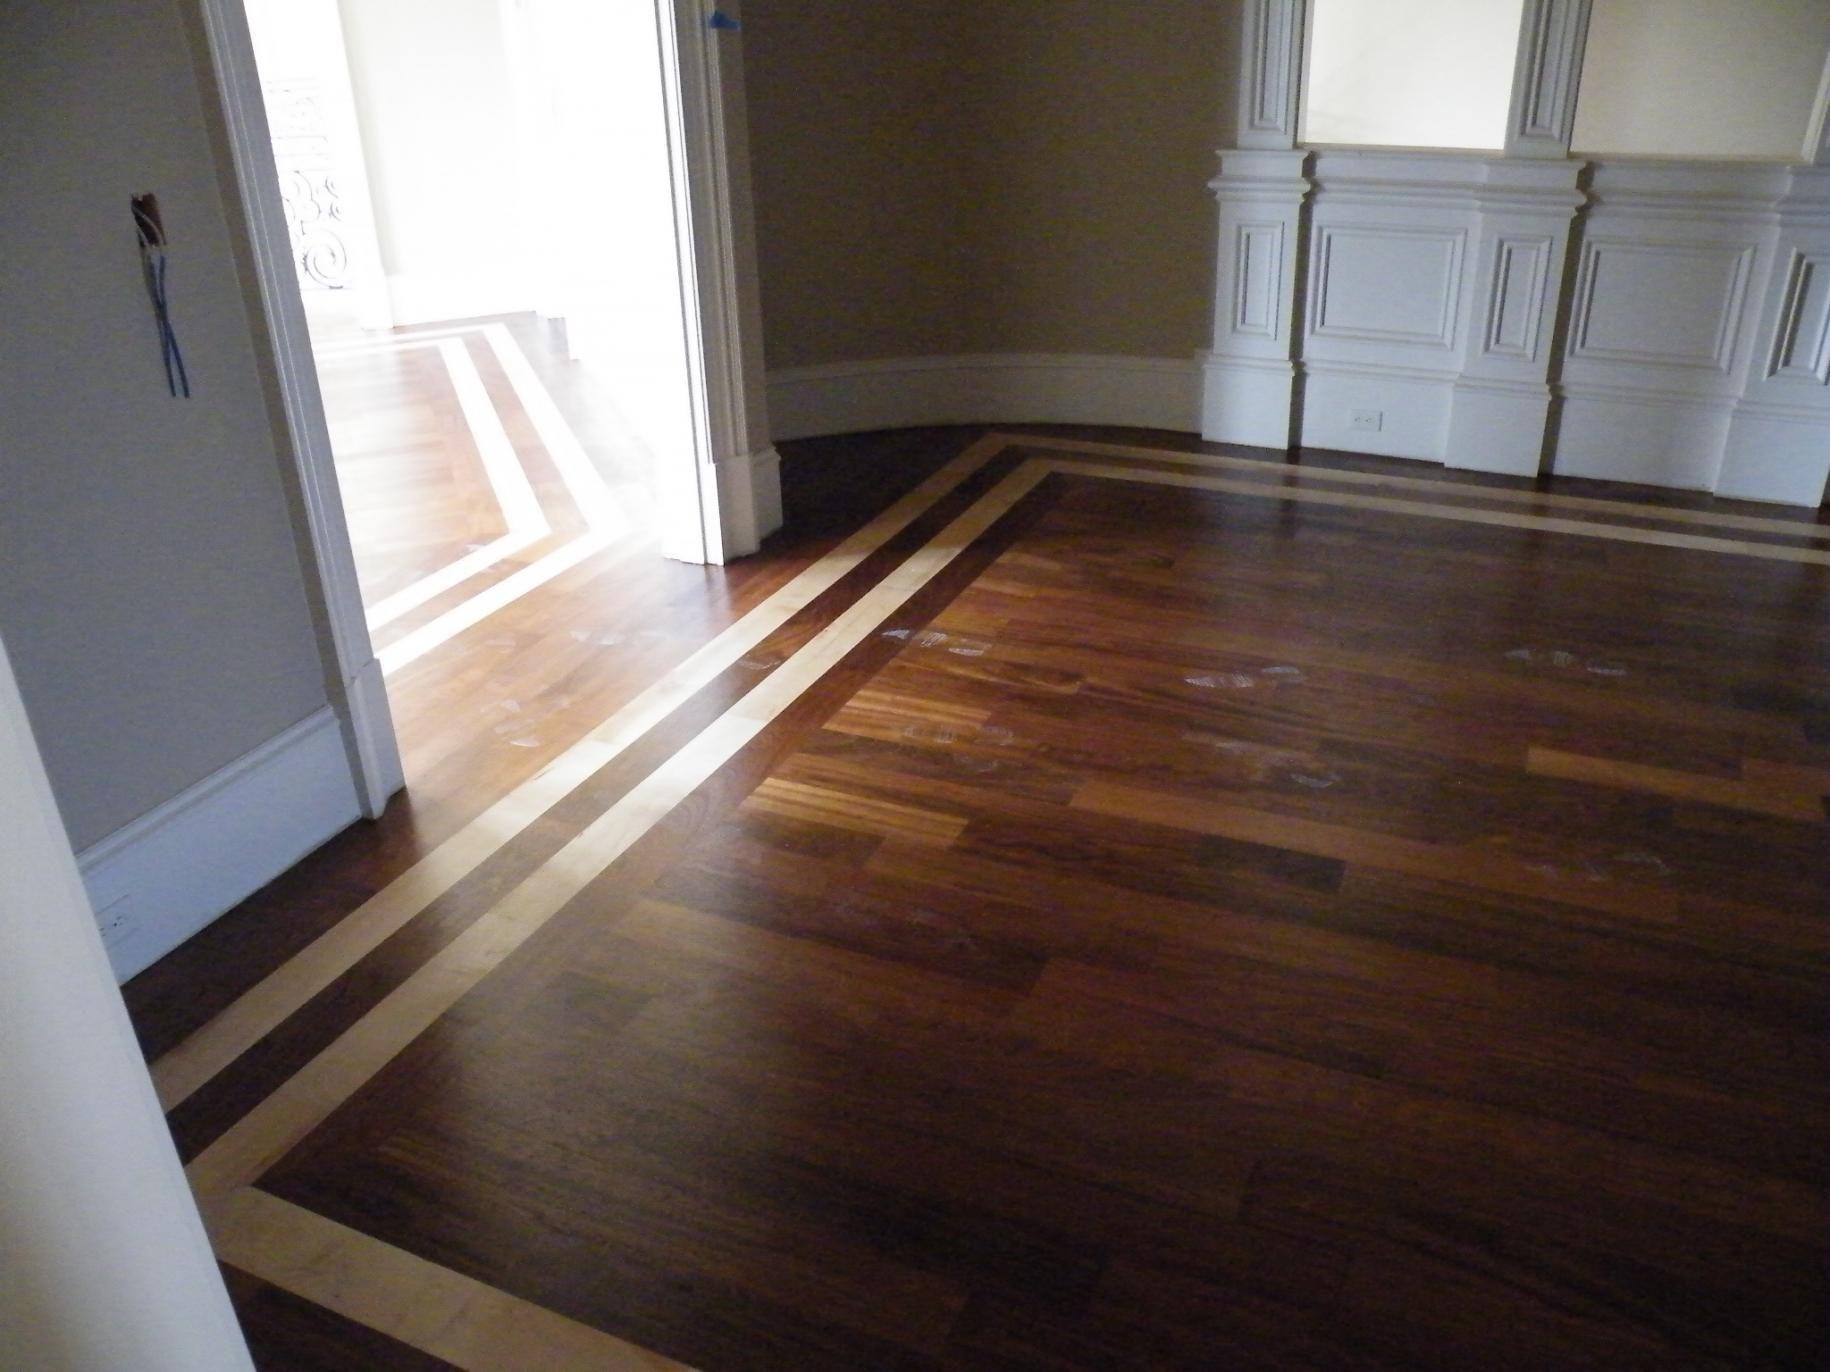 hardwood floor medallion store of wood floor borders hardwood floor inlay flooring contractor with wood floor borders hardwood floor inlay flooring contractor talk